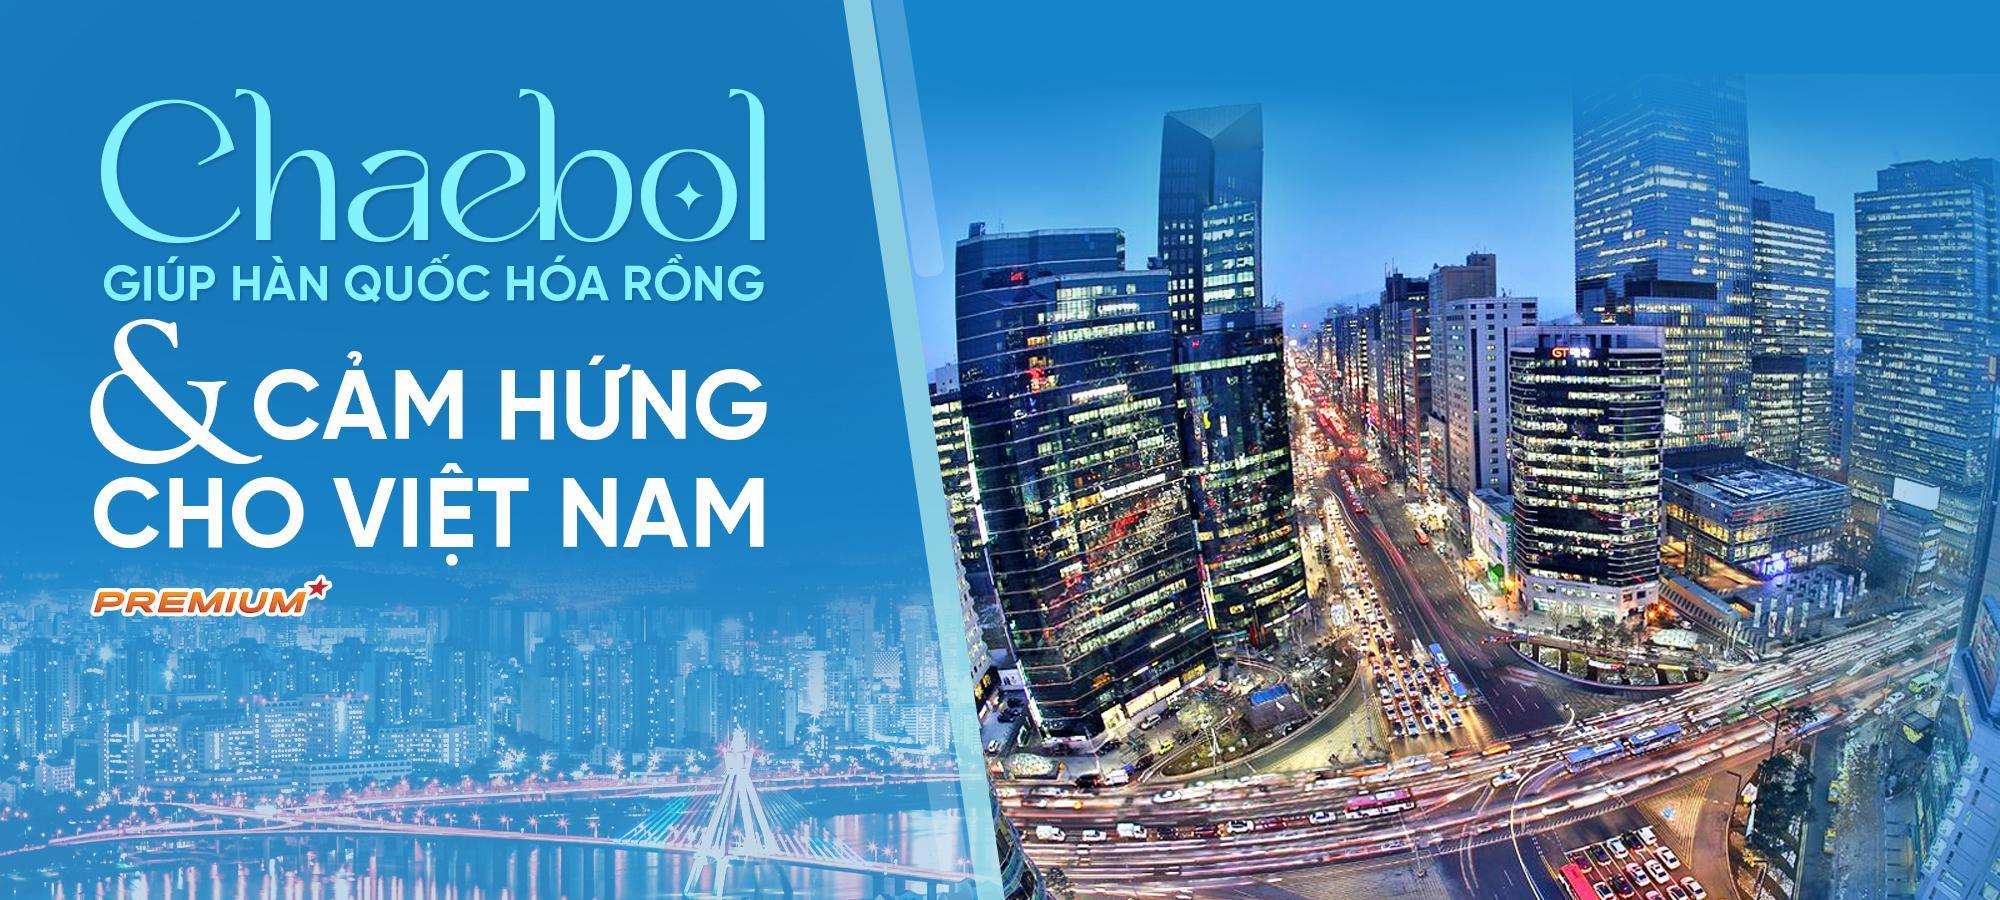 Chaebol giúp Hàn Quốc hóa rồng và cảm hứng cho Việt Nam